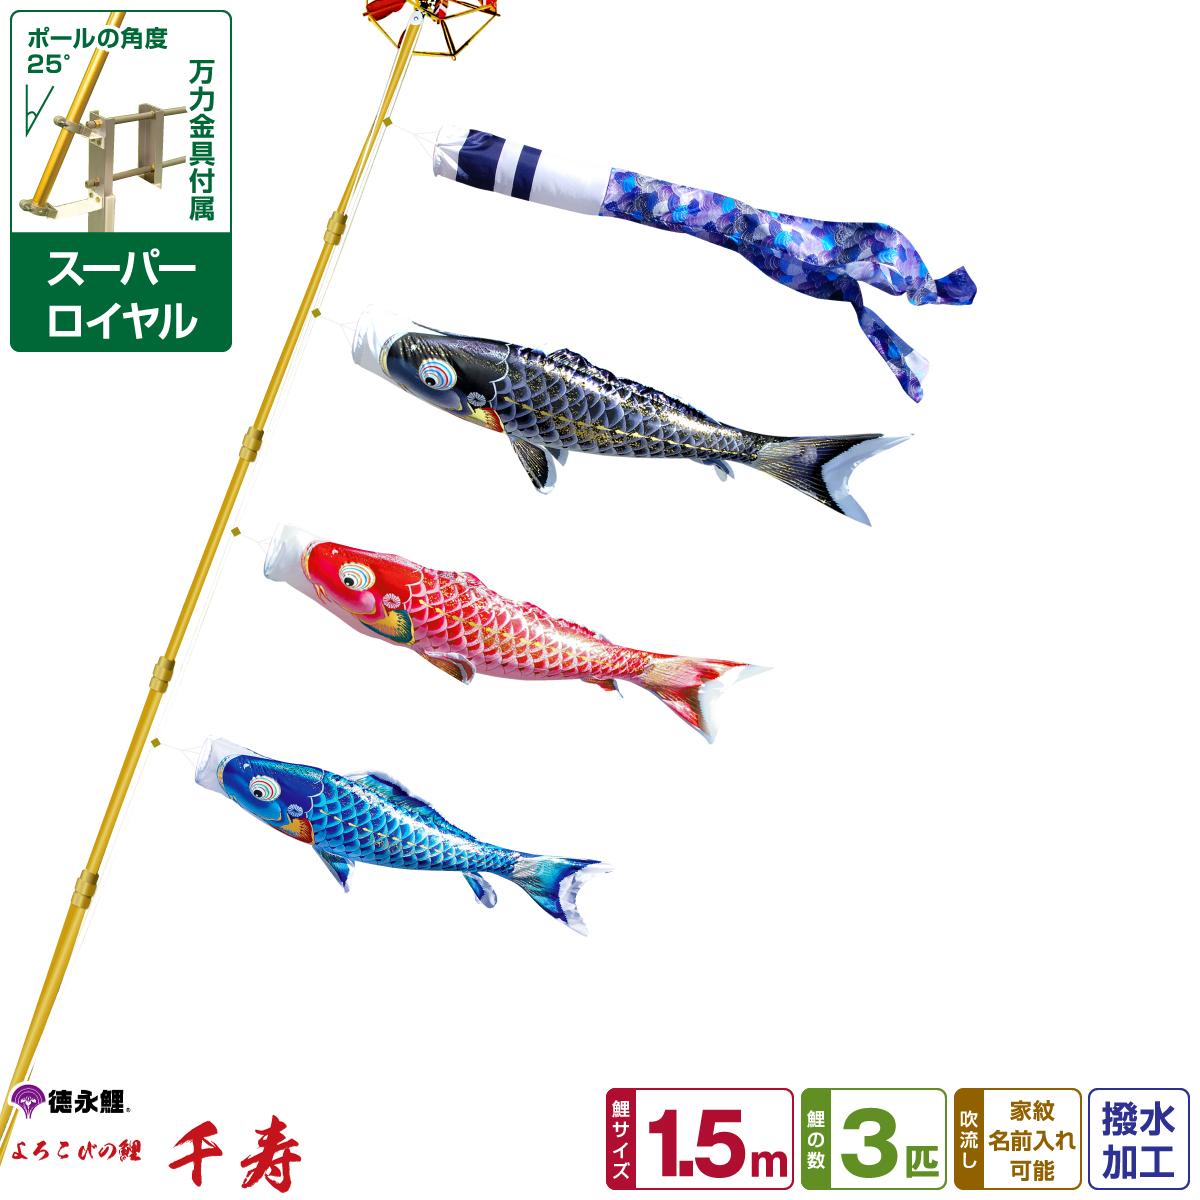 徳永鯉のぼり 千寿鯉 1.5m 6点セット ベランダ用スーパーロイヤルセット 2019年初節句 端午の節句 こどもの日 こいのぼり